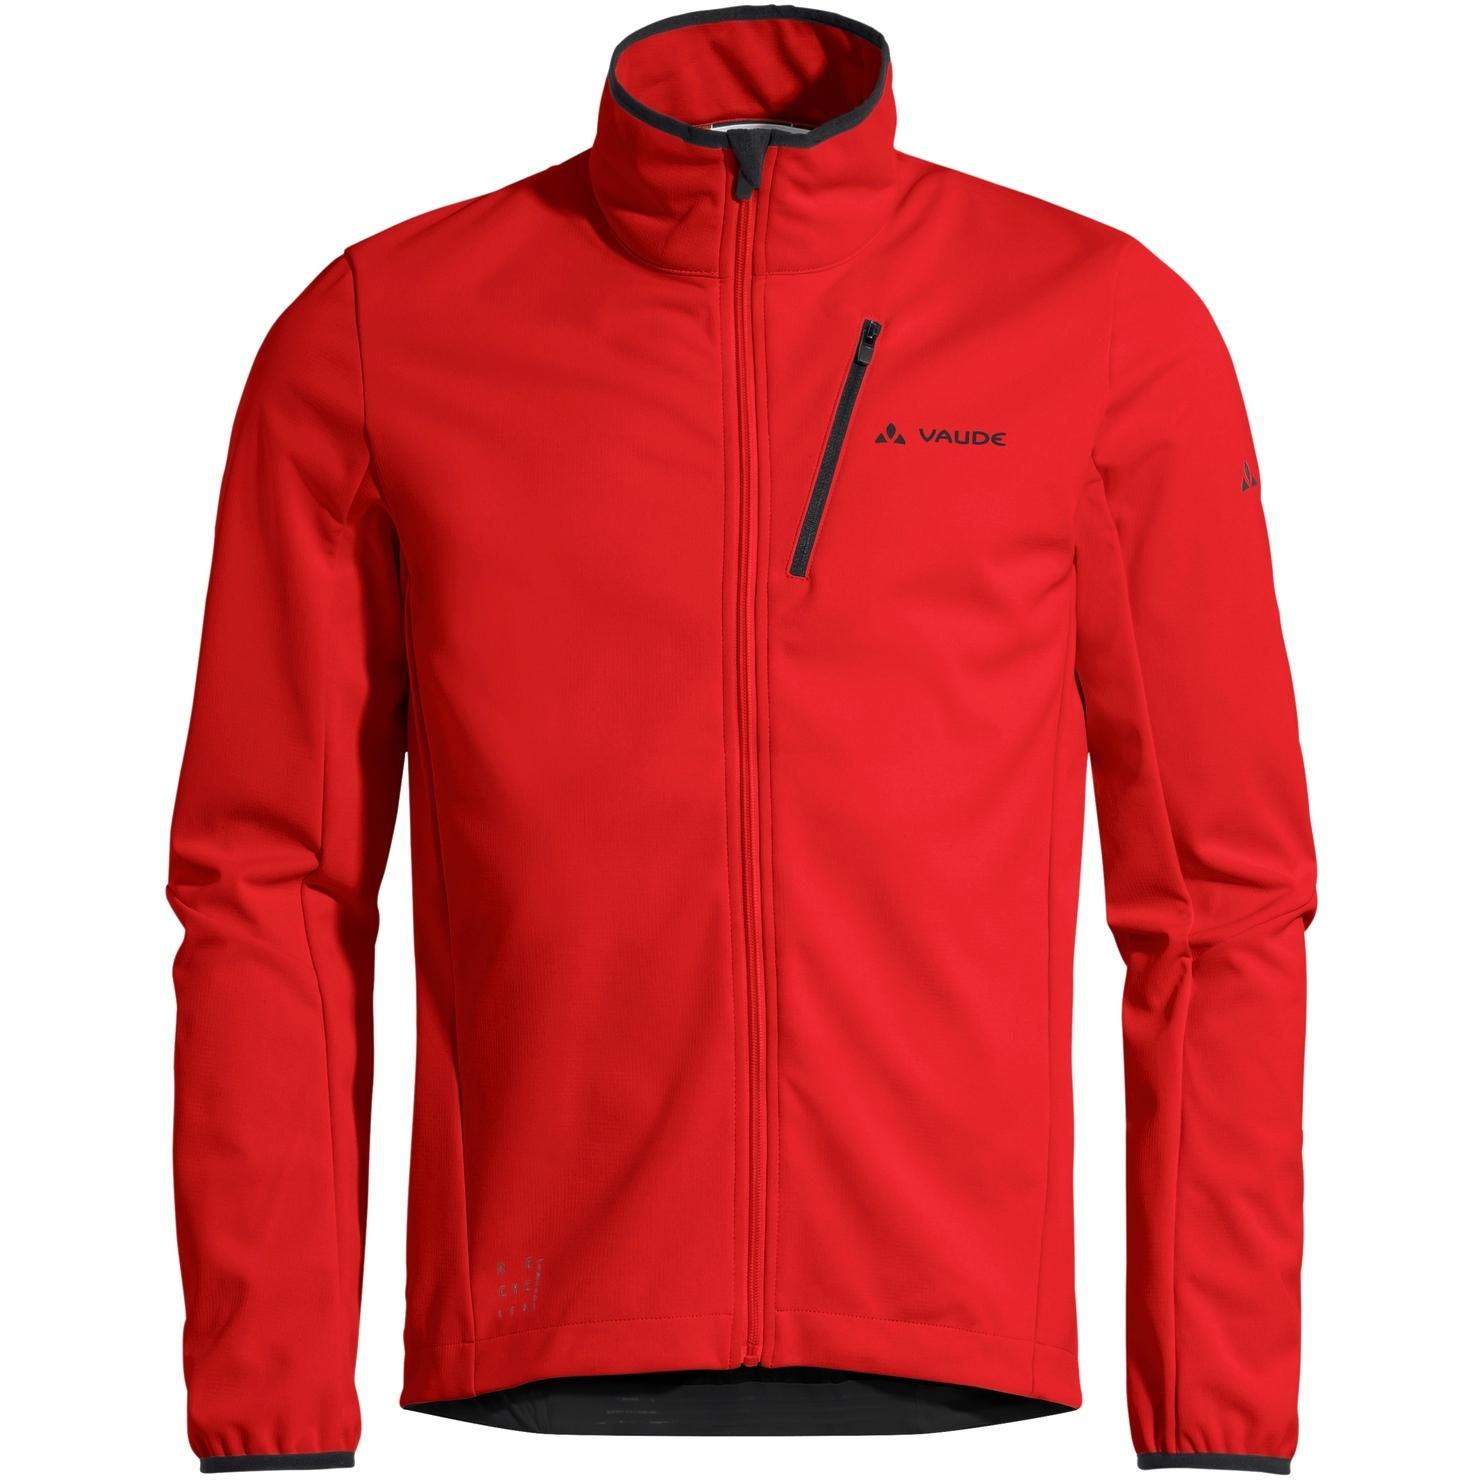 Vaude Men's Matera Softshell Jacket - mars red